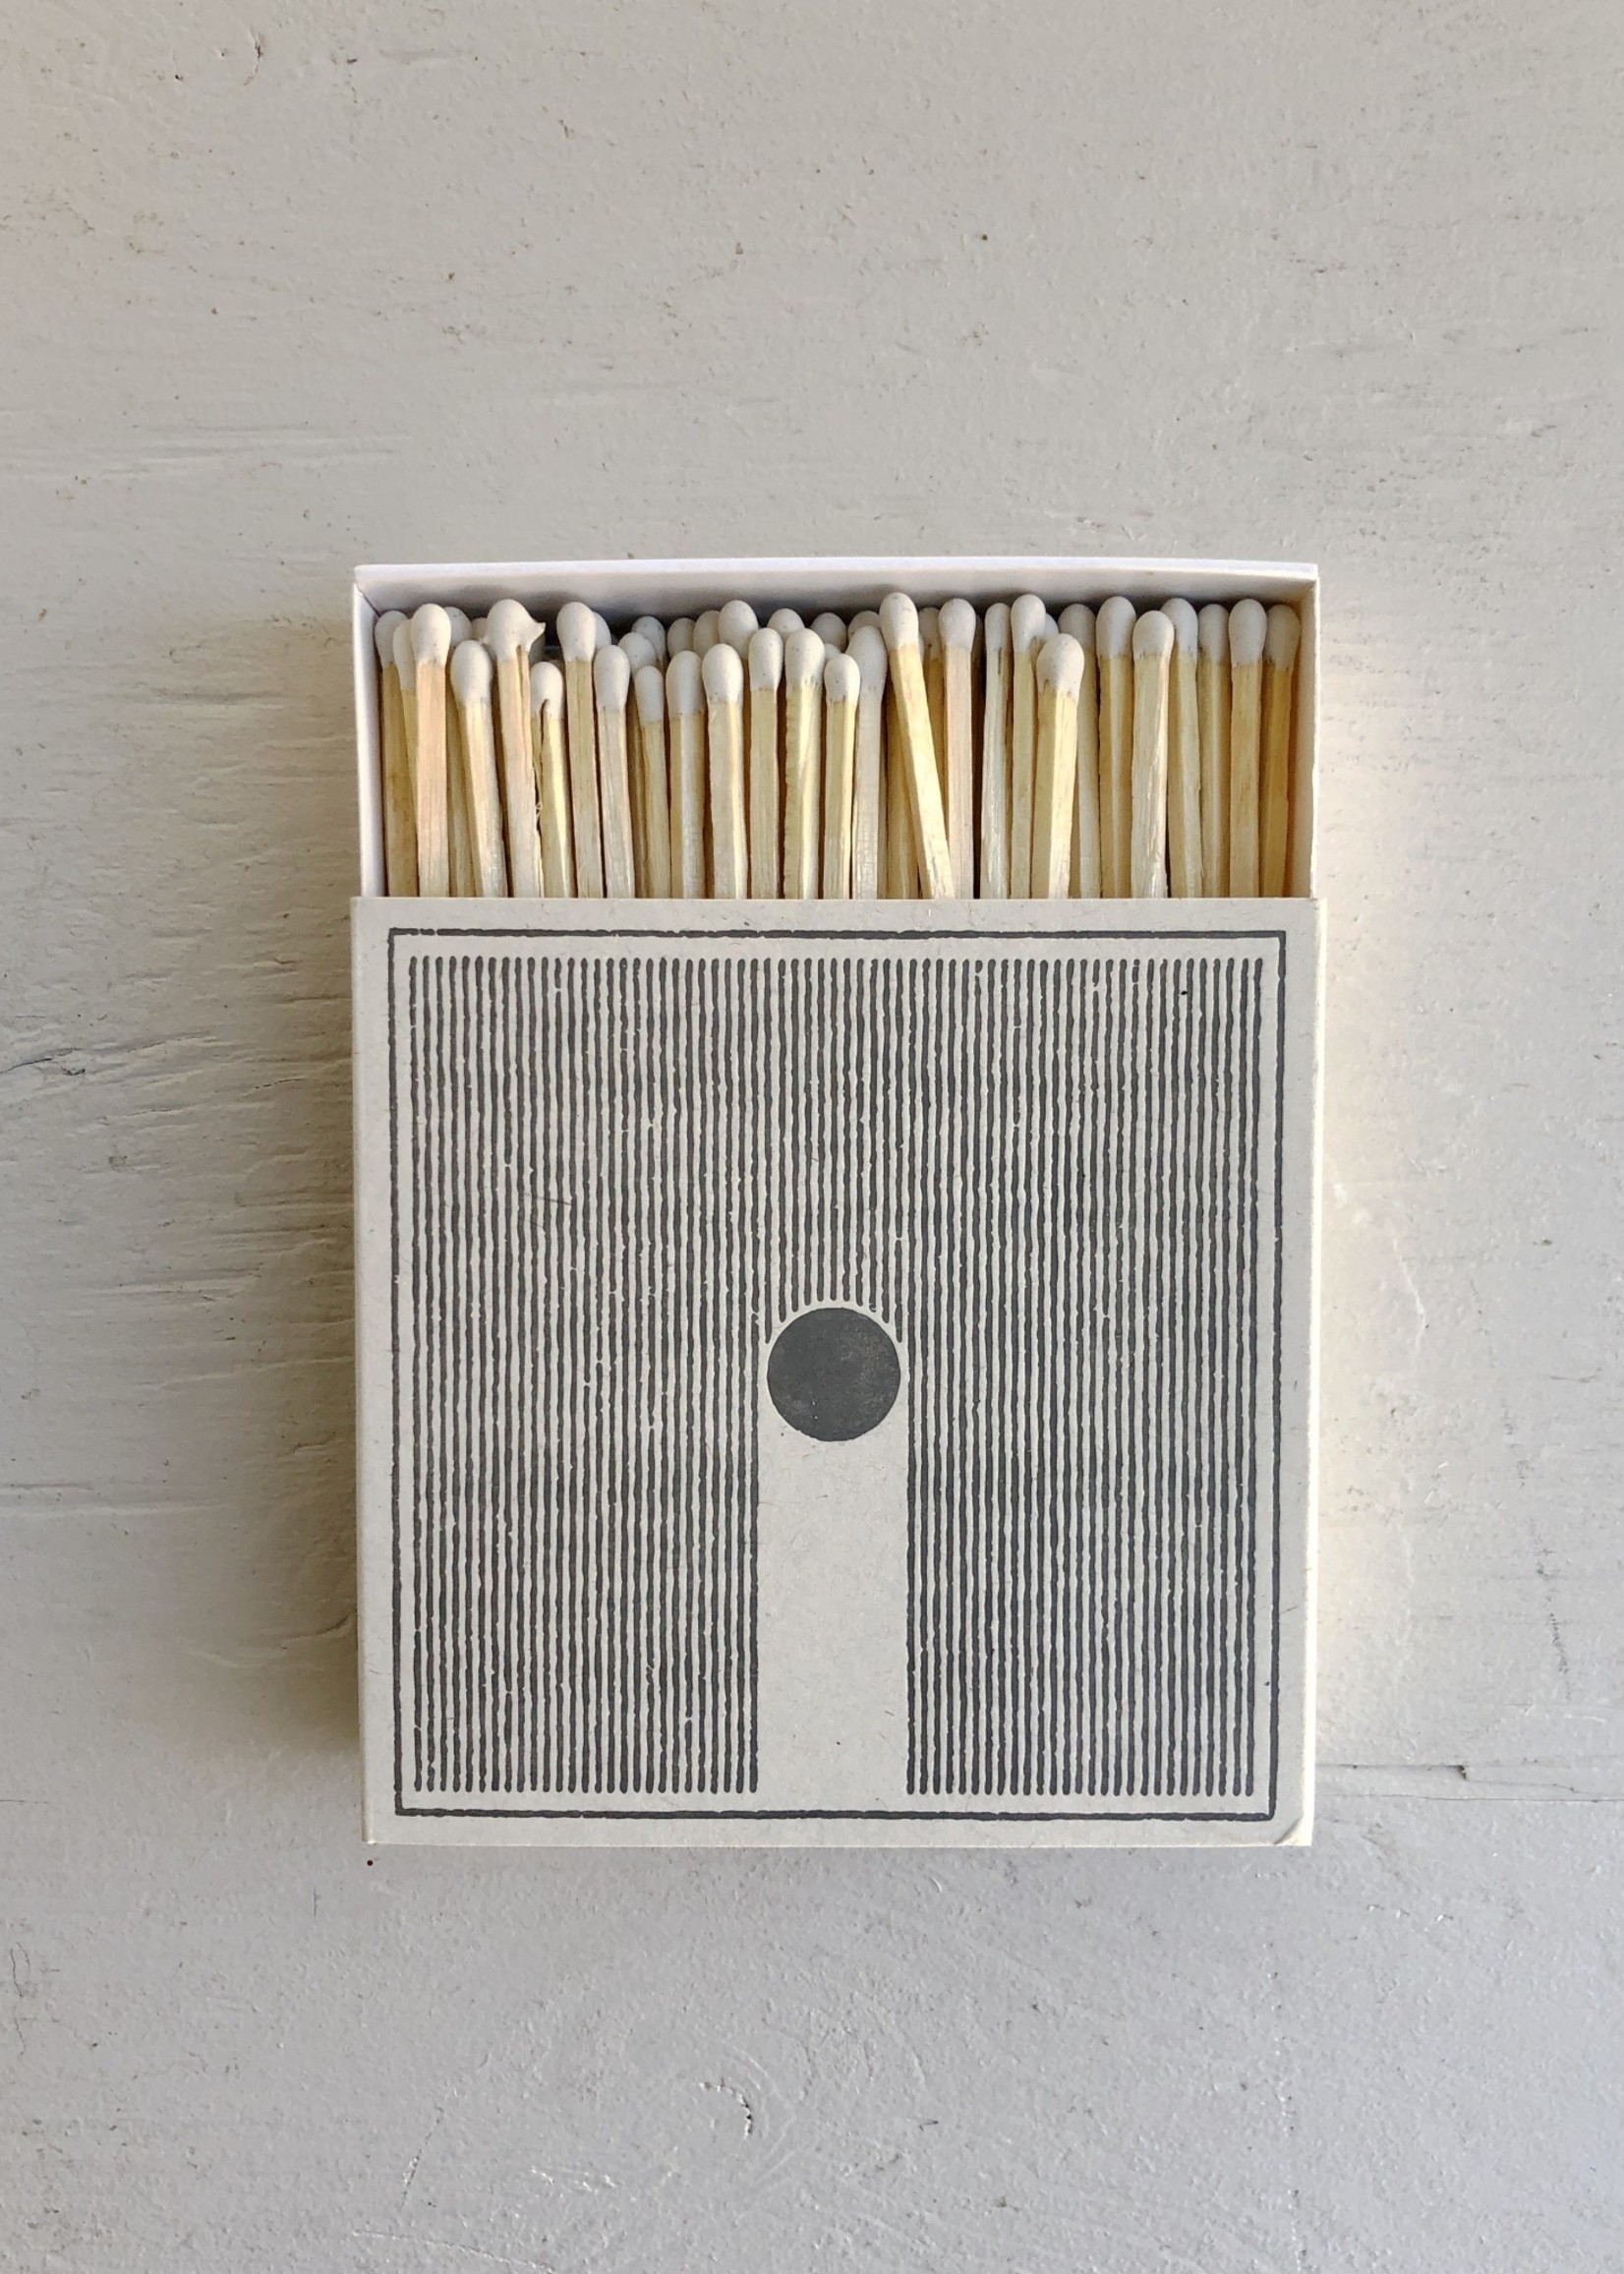 Archivist Boîte d'allumettes par Archivist